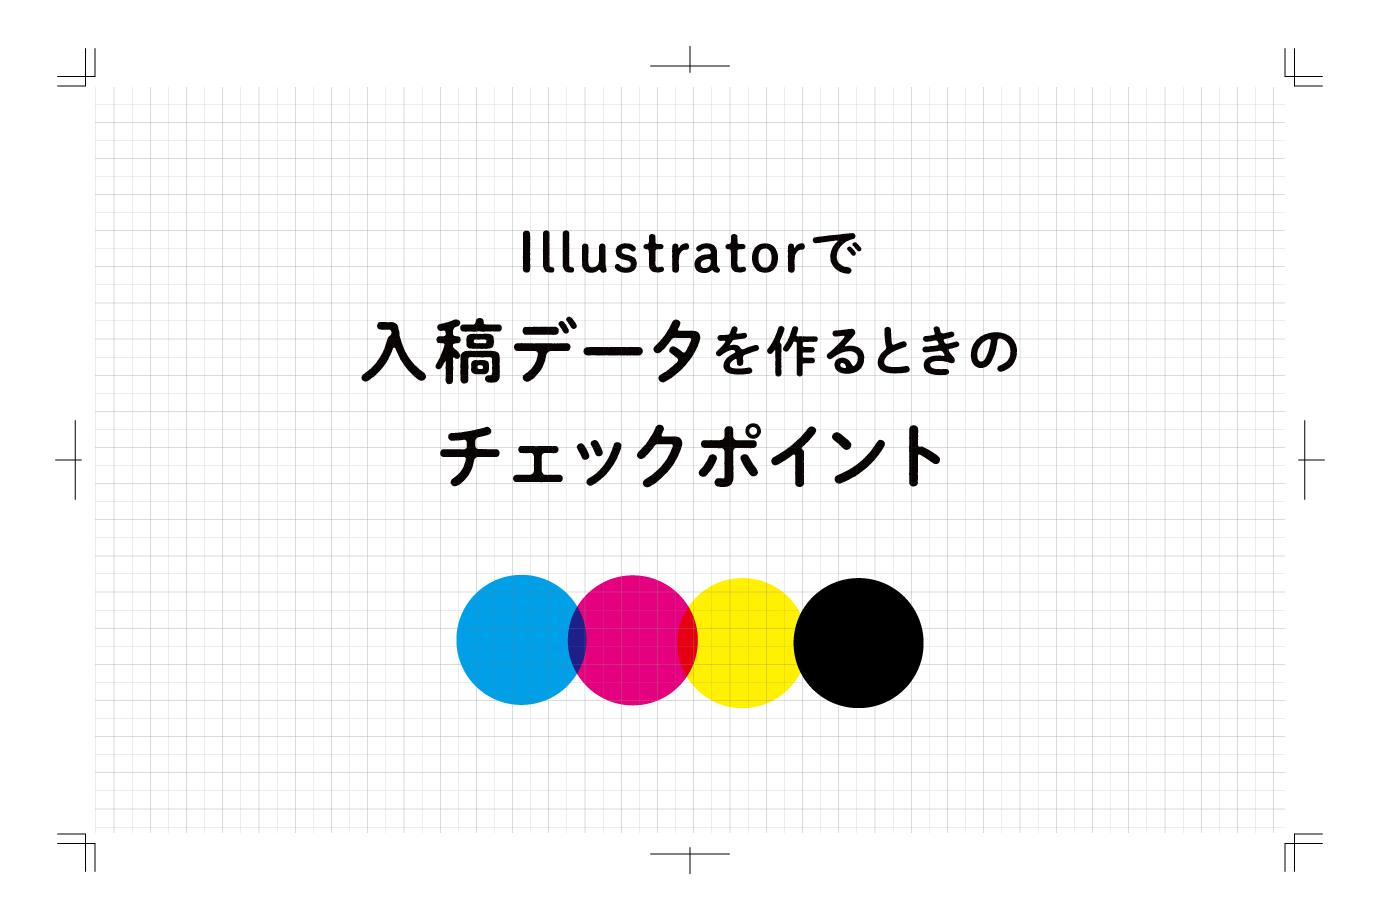 Illustratorで入稿データを作るときのチェックポイント